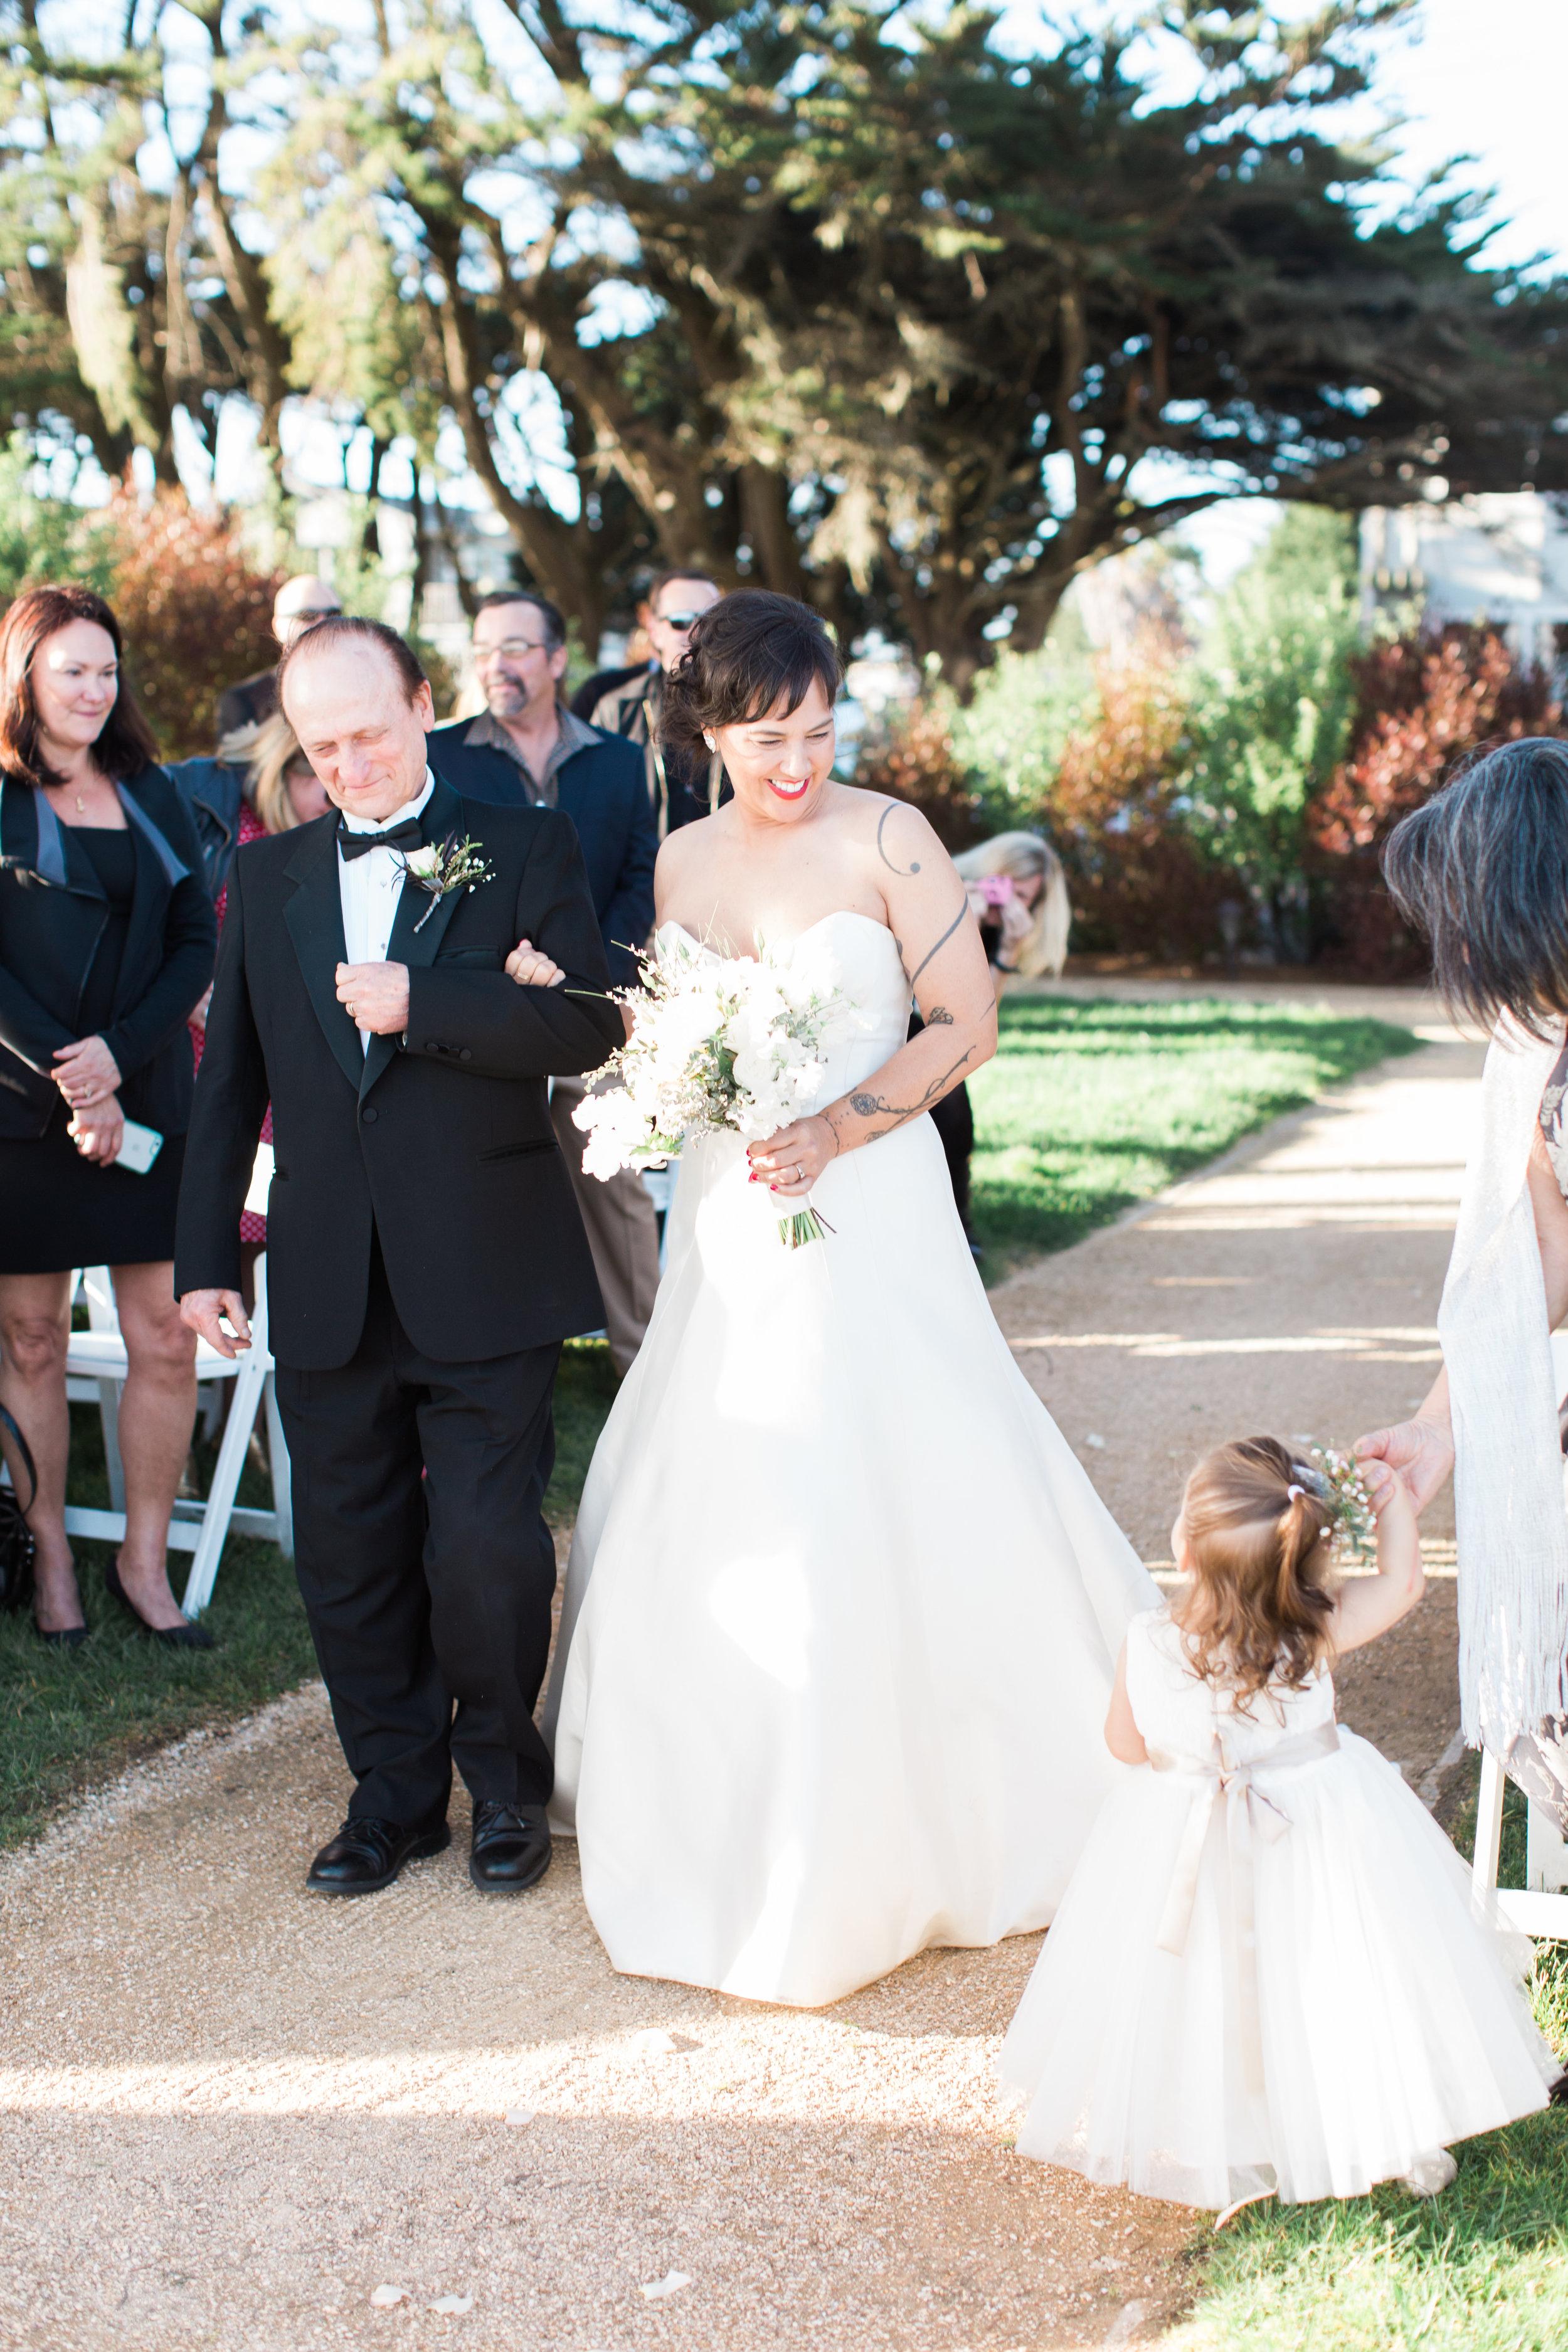 Mavericks-event-center-wedding-in-half-moon-bay-california174.jpg